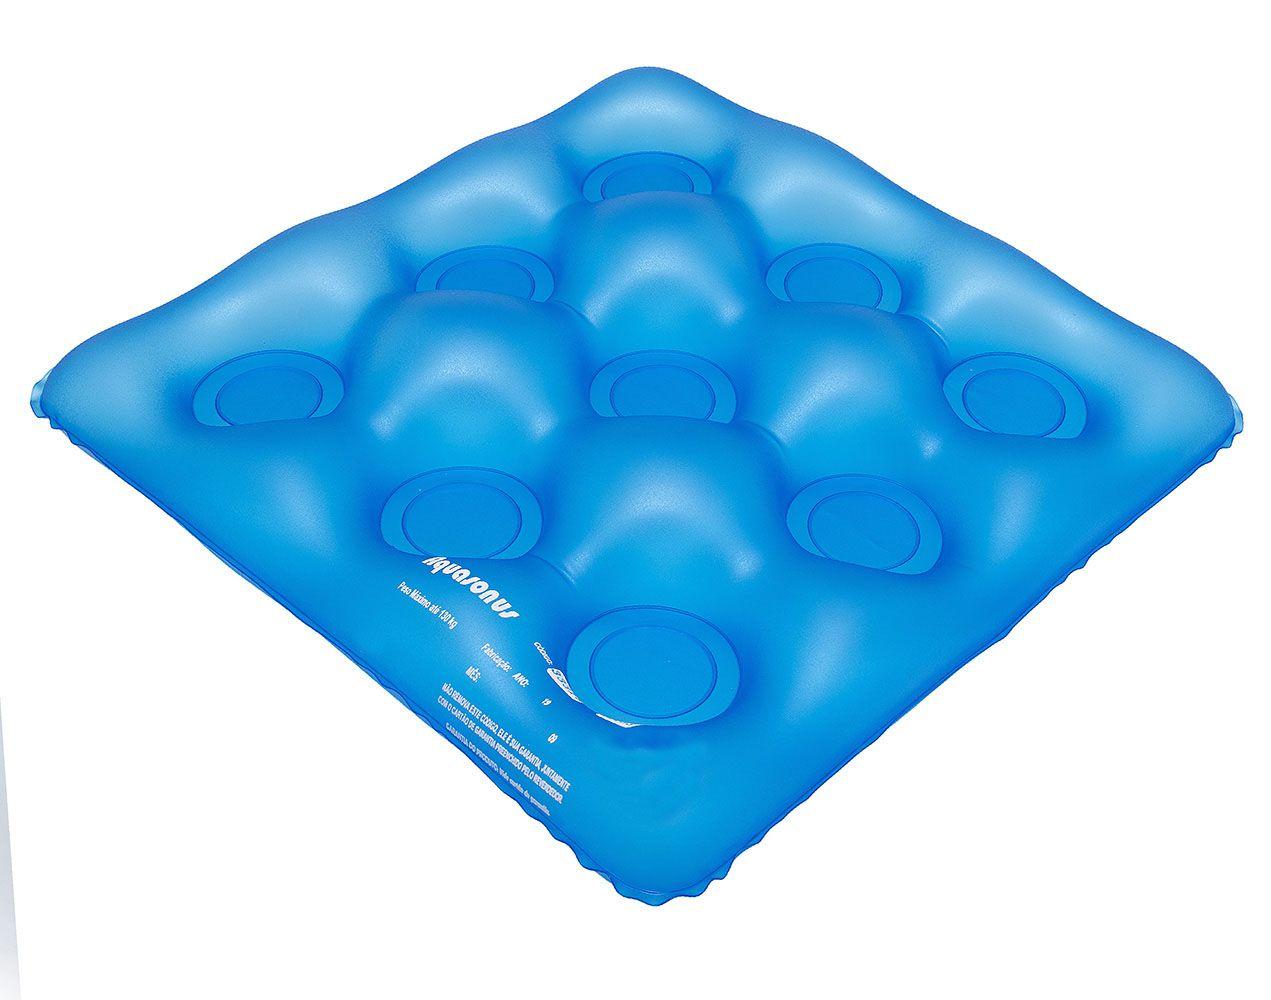 Almofada de Gel Caixa de Ovo Quadrada sem Orifício Anti-Escaras